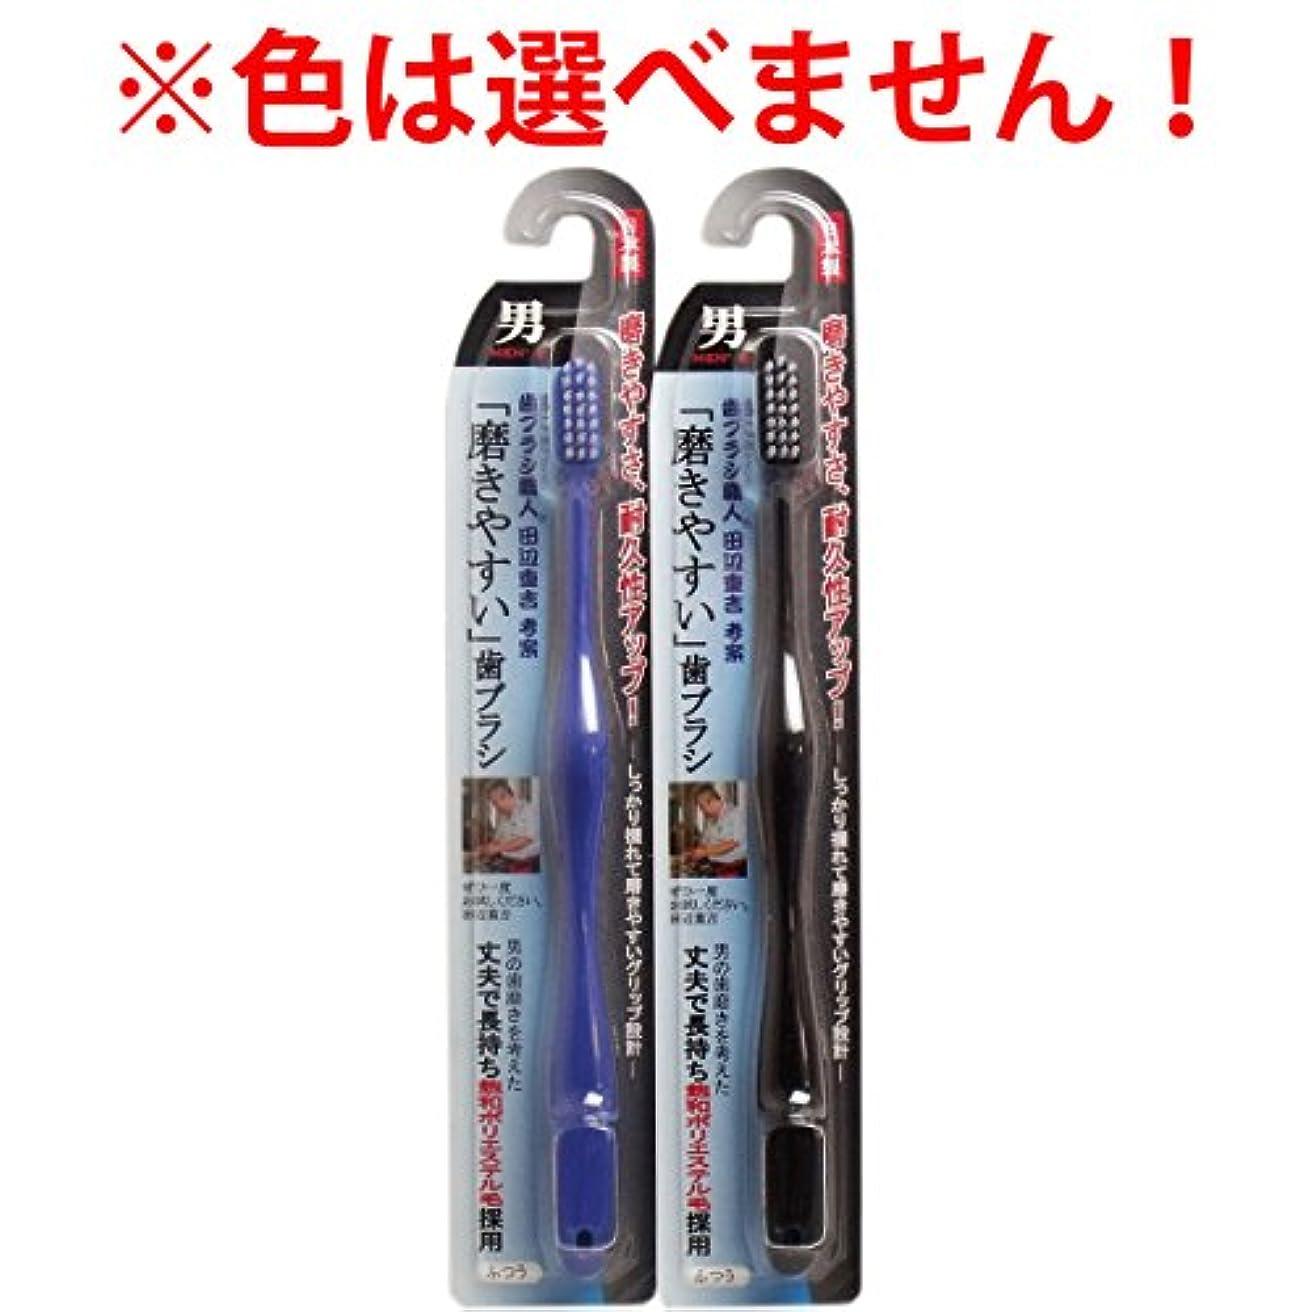 キャンベラ葡萄懺悔ライフレンジ 「磨きやすい」歯ブラシ男 LT-08 1本